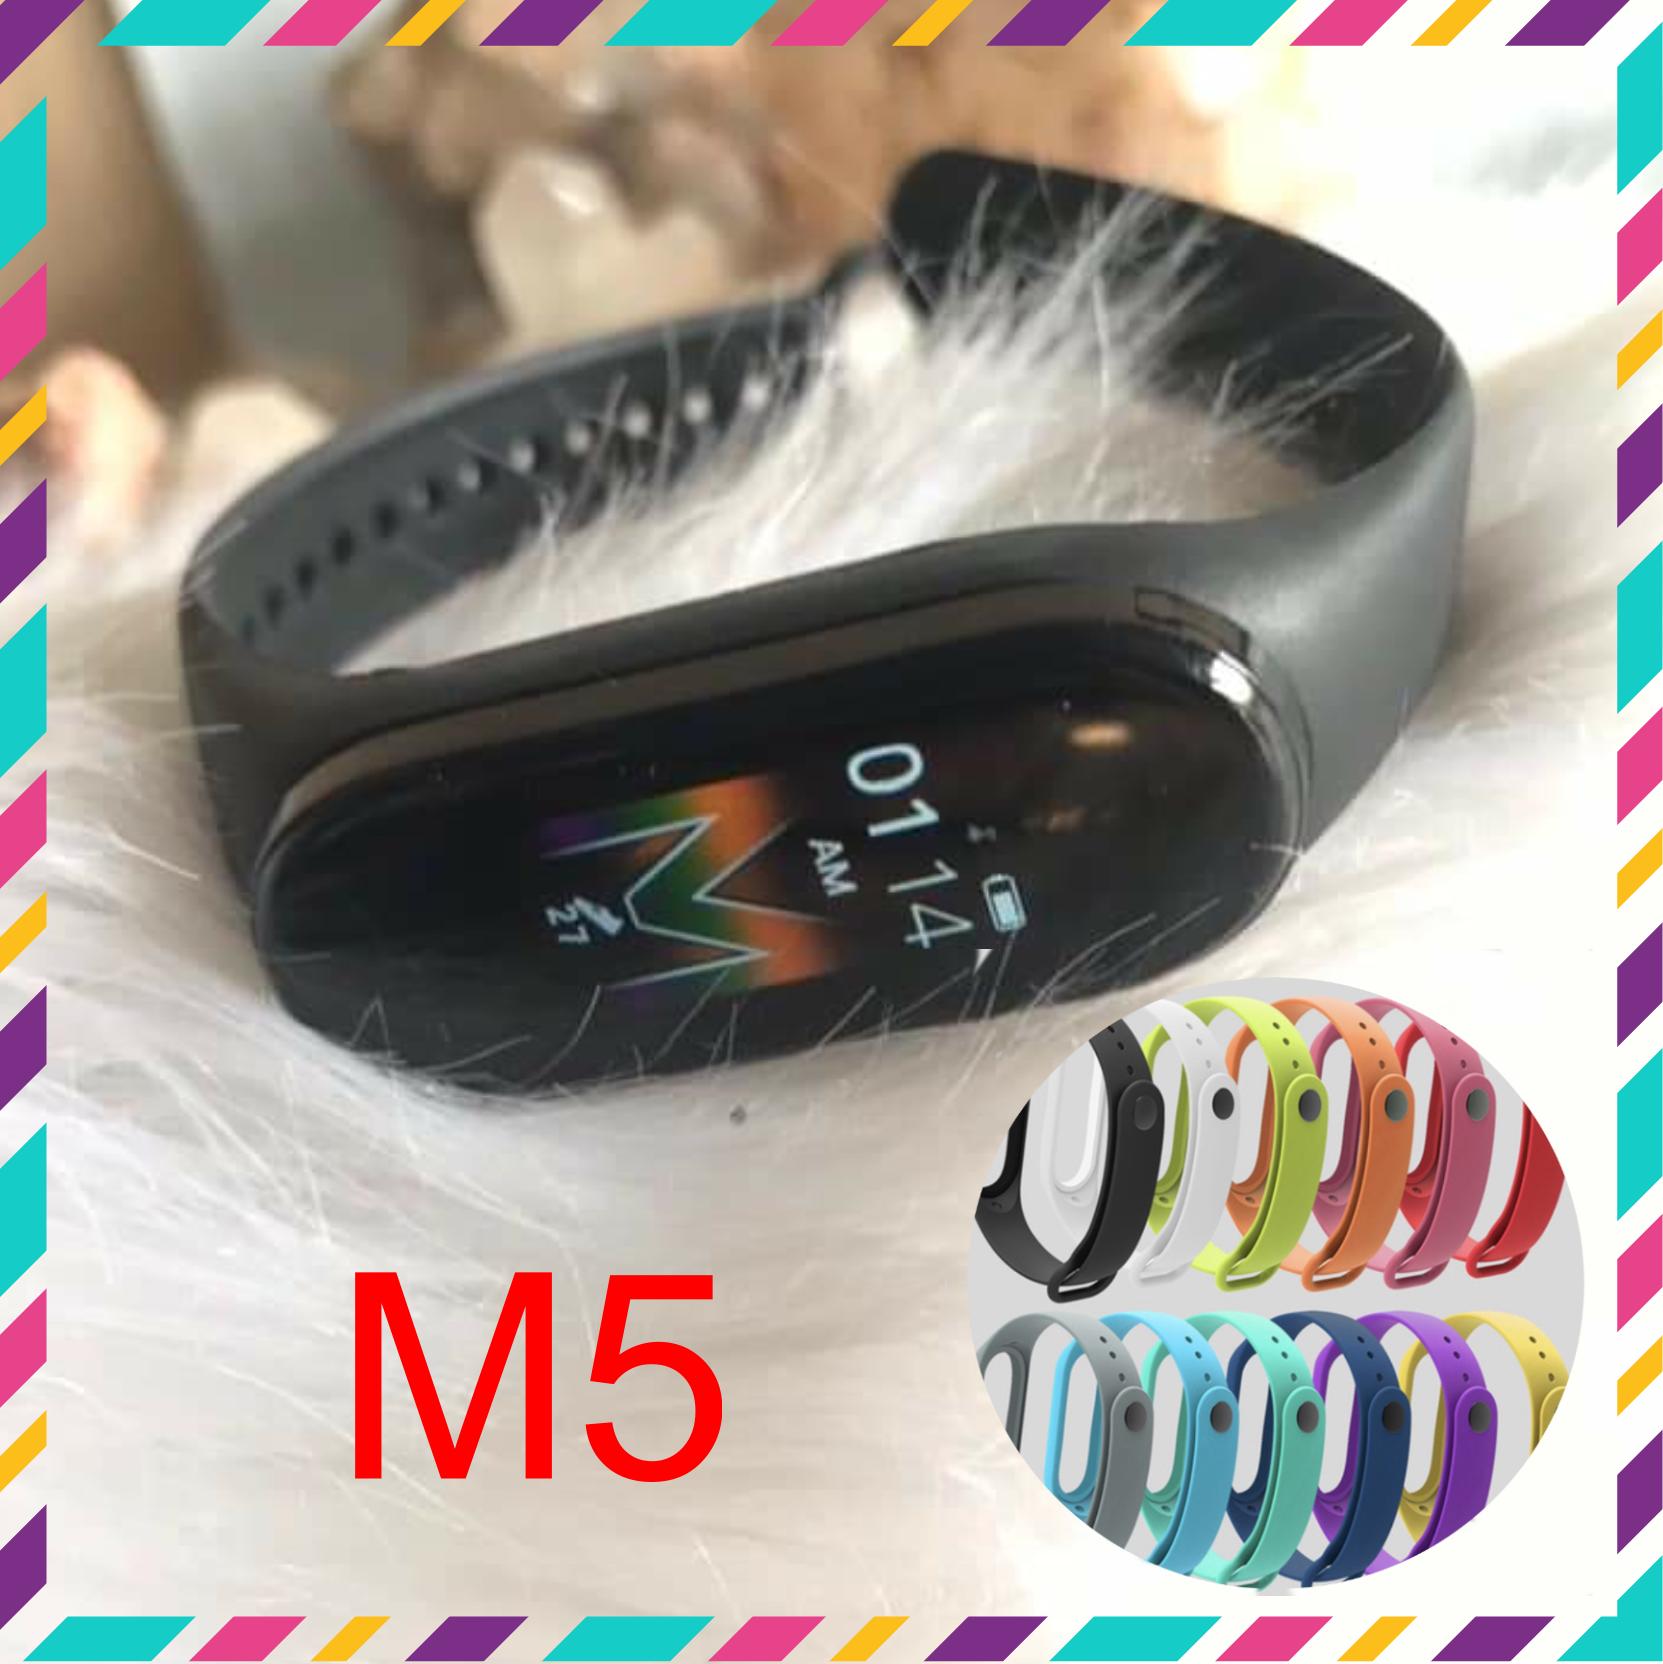 Vòng đeo tay thông minh M5 mới. Hàng chuẩn kiểu dáng giống y hệt xiaomiband5. Thay được hình nền cá nhân. Tặng kèm dây đeo thay thế. Tiện tích theo dõi sức khoẻ, thông báo cuộc gọi, nhắn tin, facebook, zalo. Chống nước